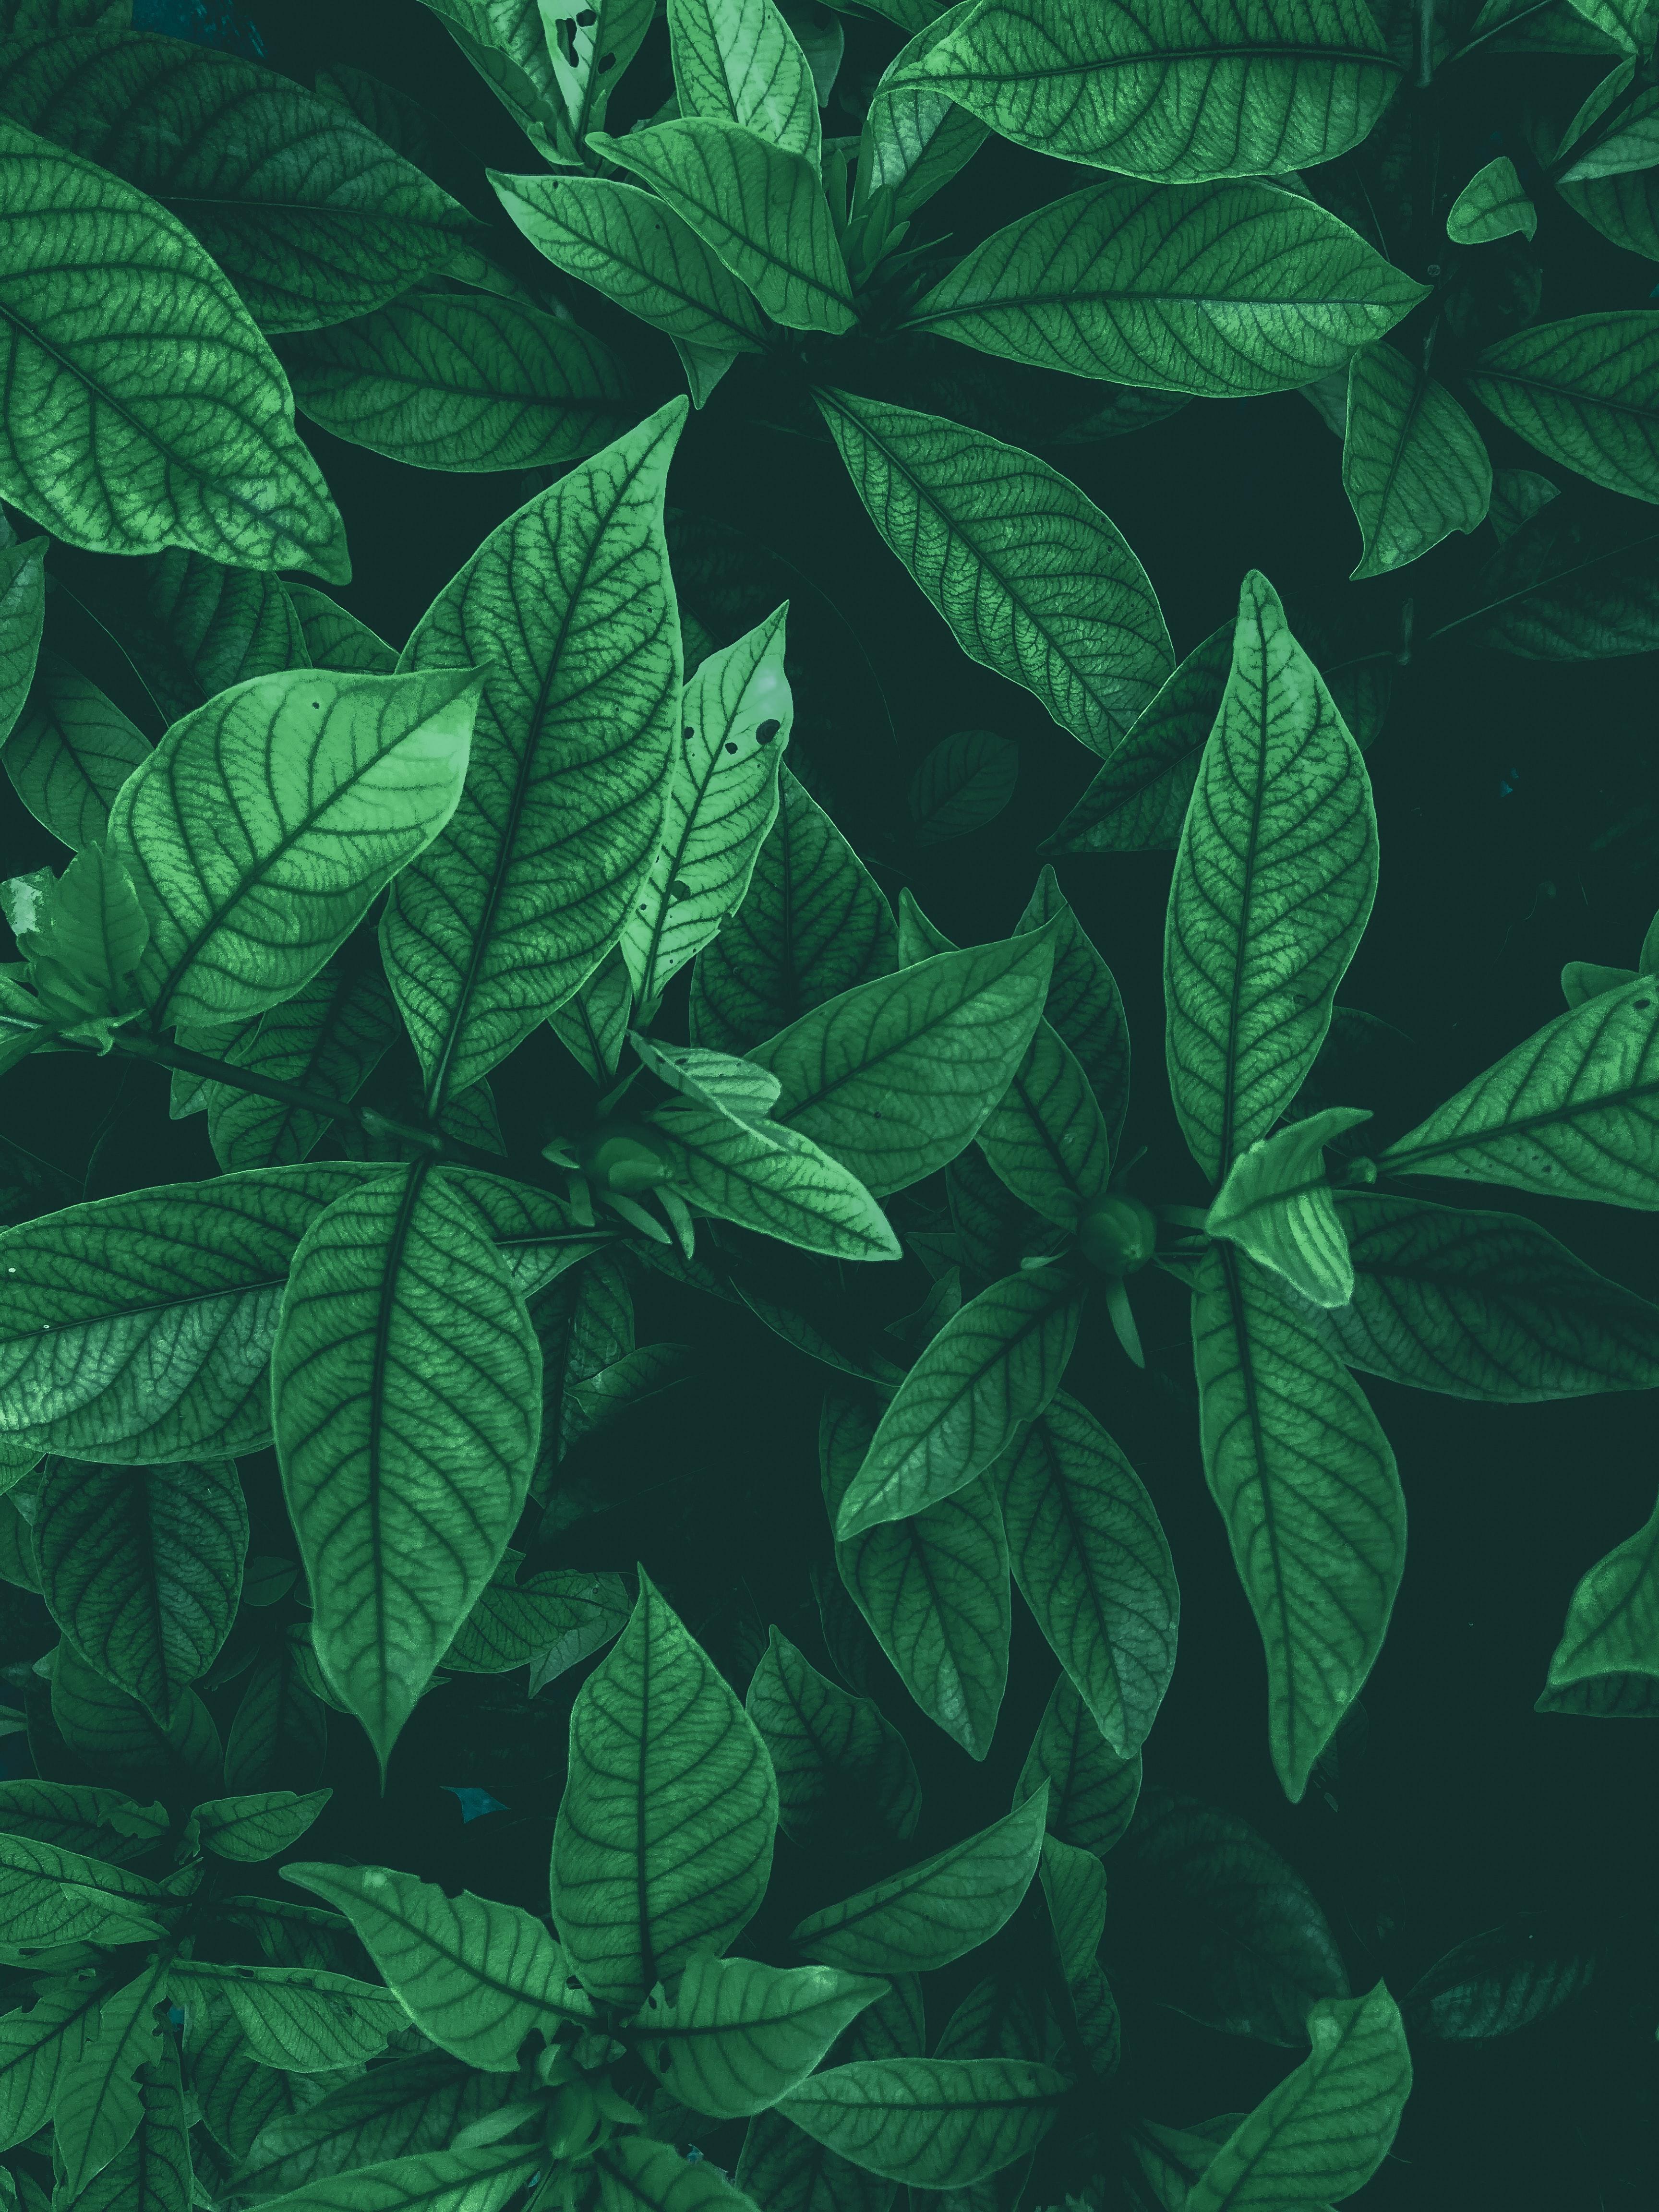 152741 обои 720x1520 на телефон бесплатно, скачать картинки Природа, Листья, Вид Сверху, Зеленый, Бутоны 720x1520 на мобильный